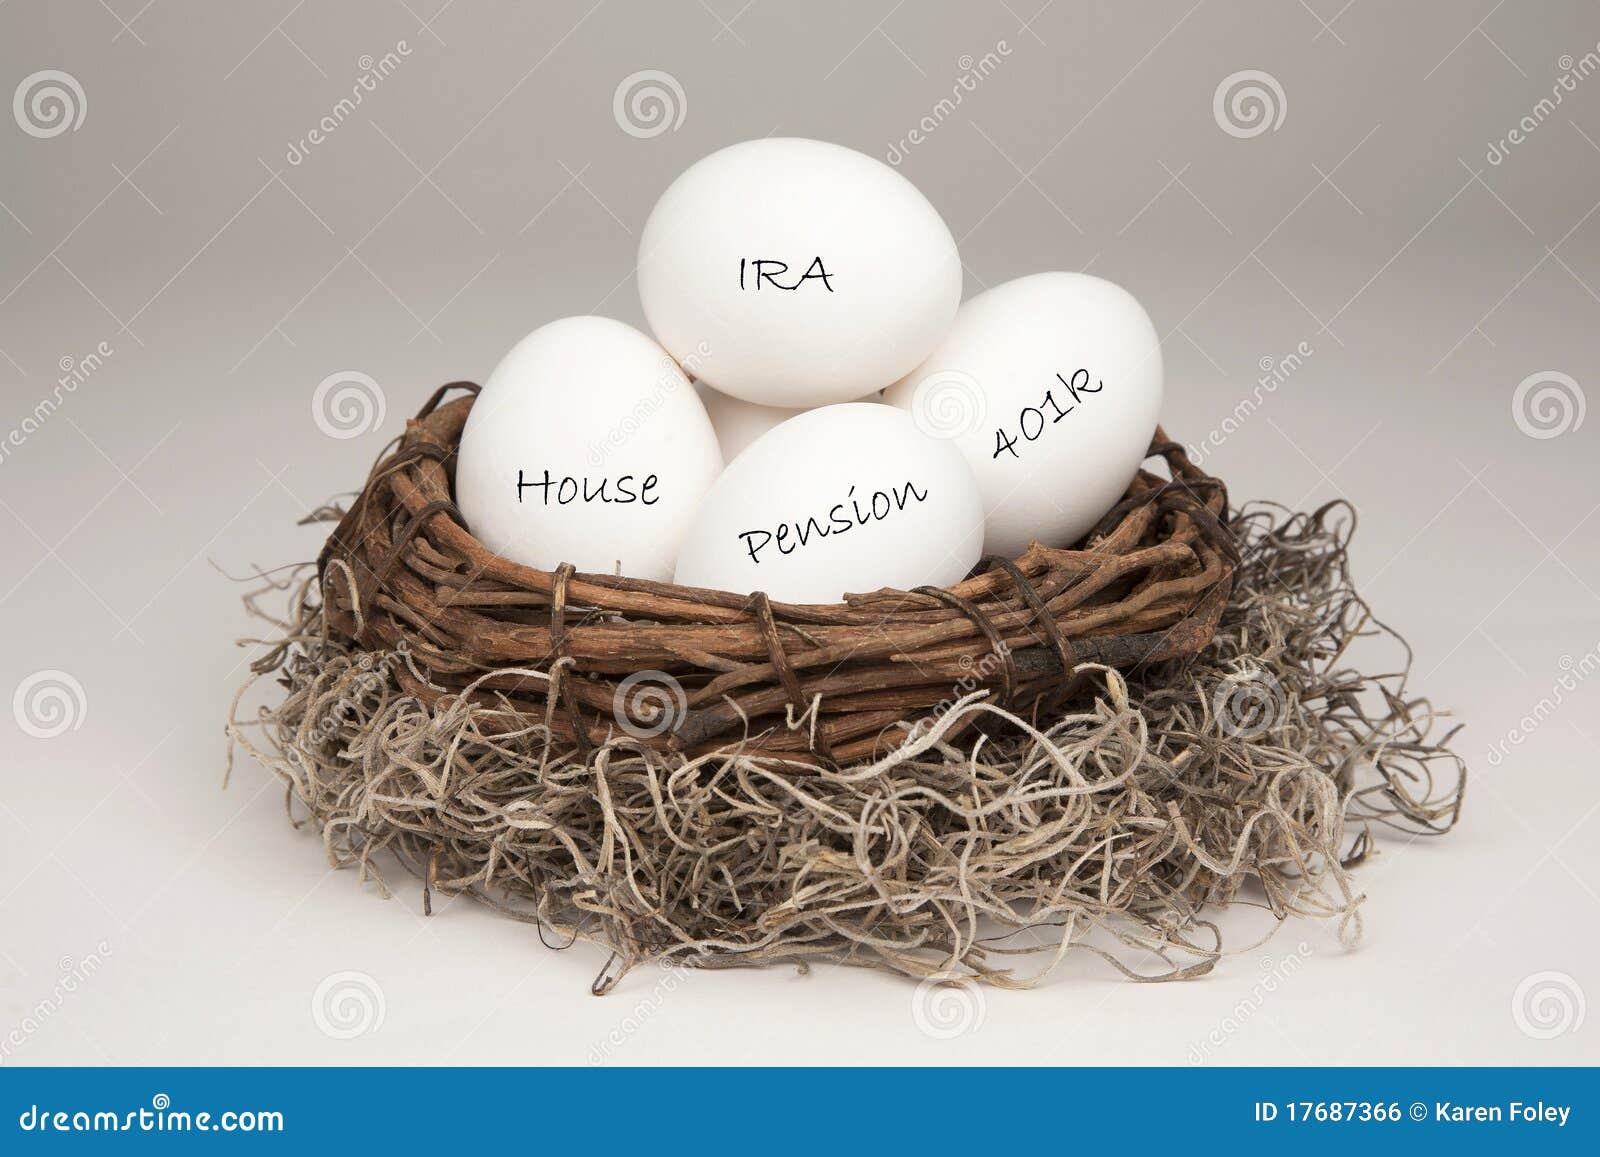 Nest Egg White